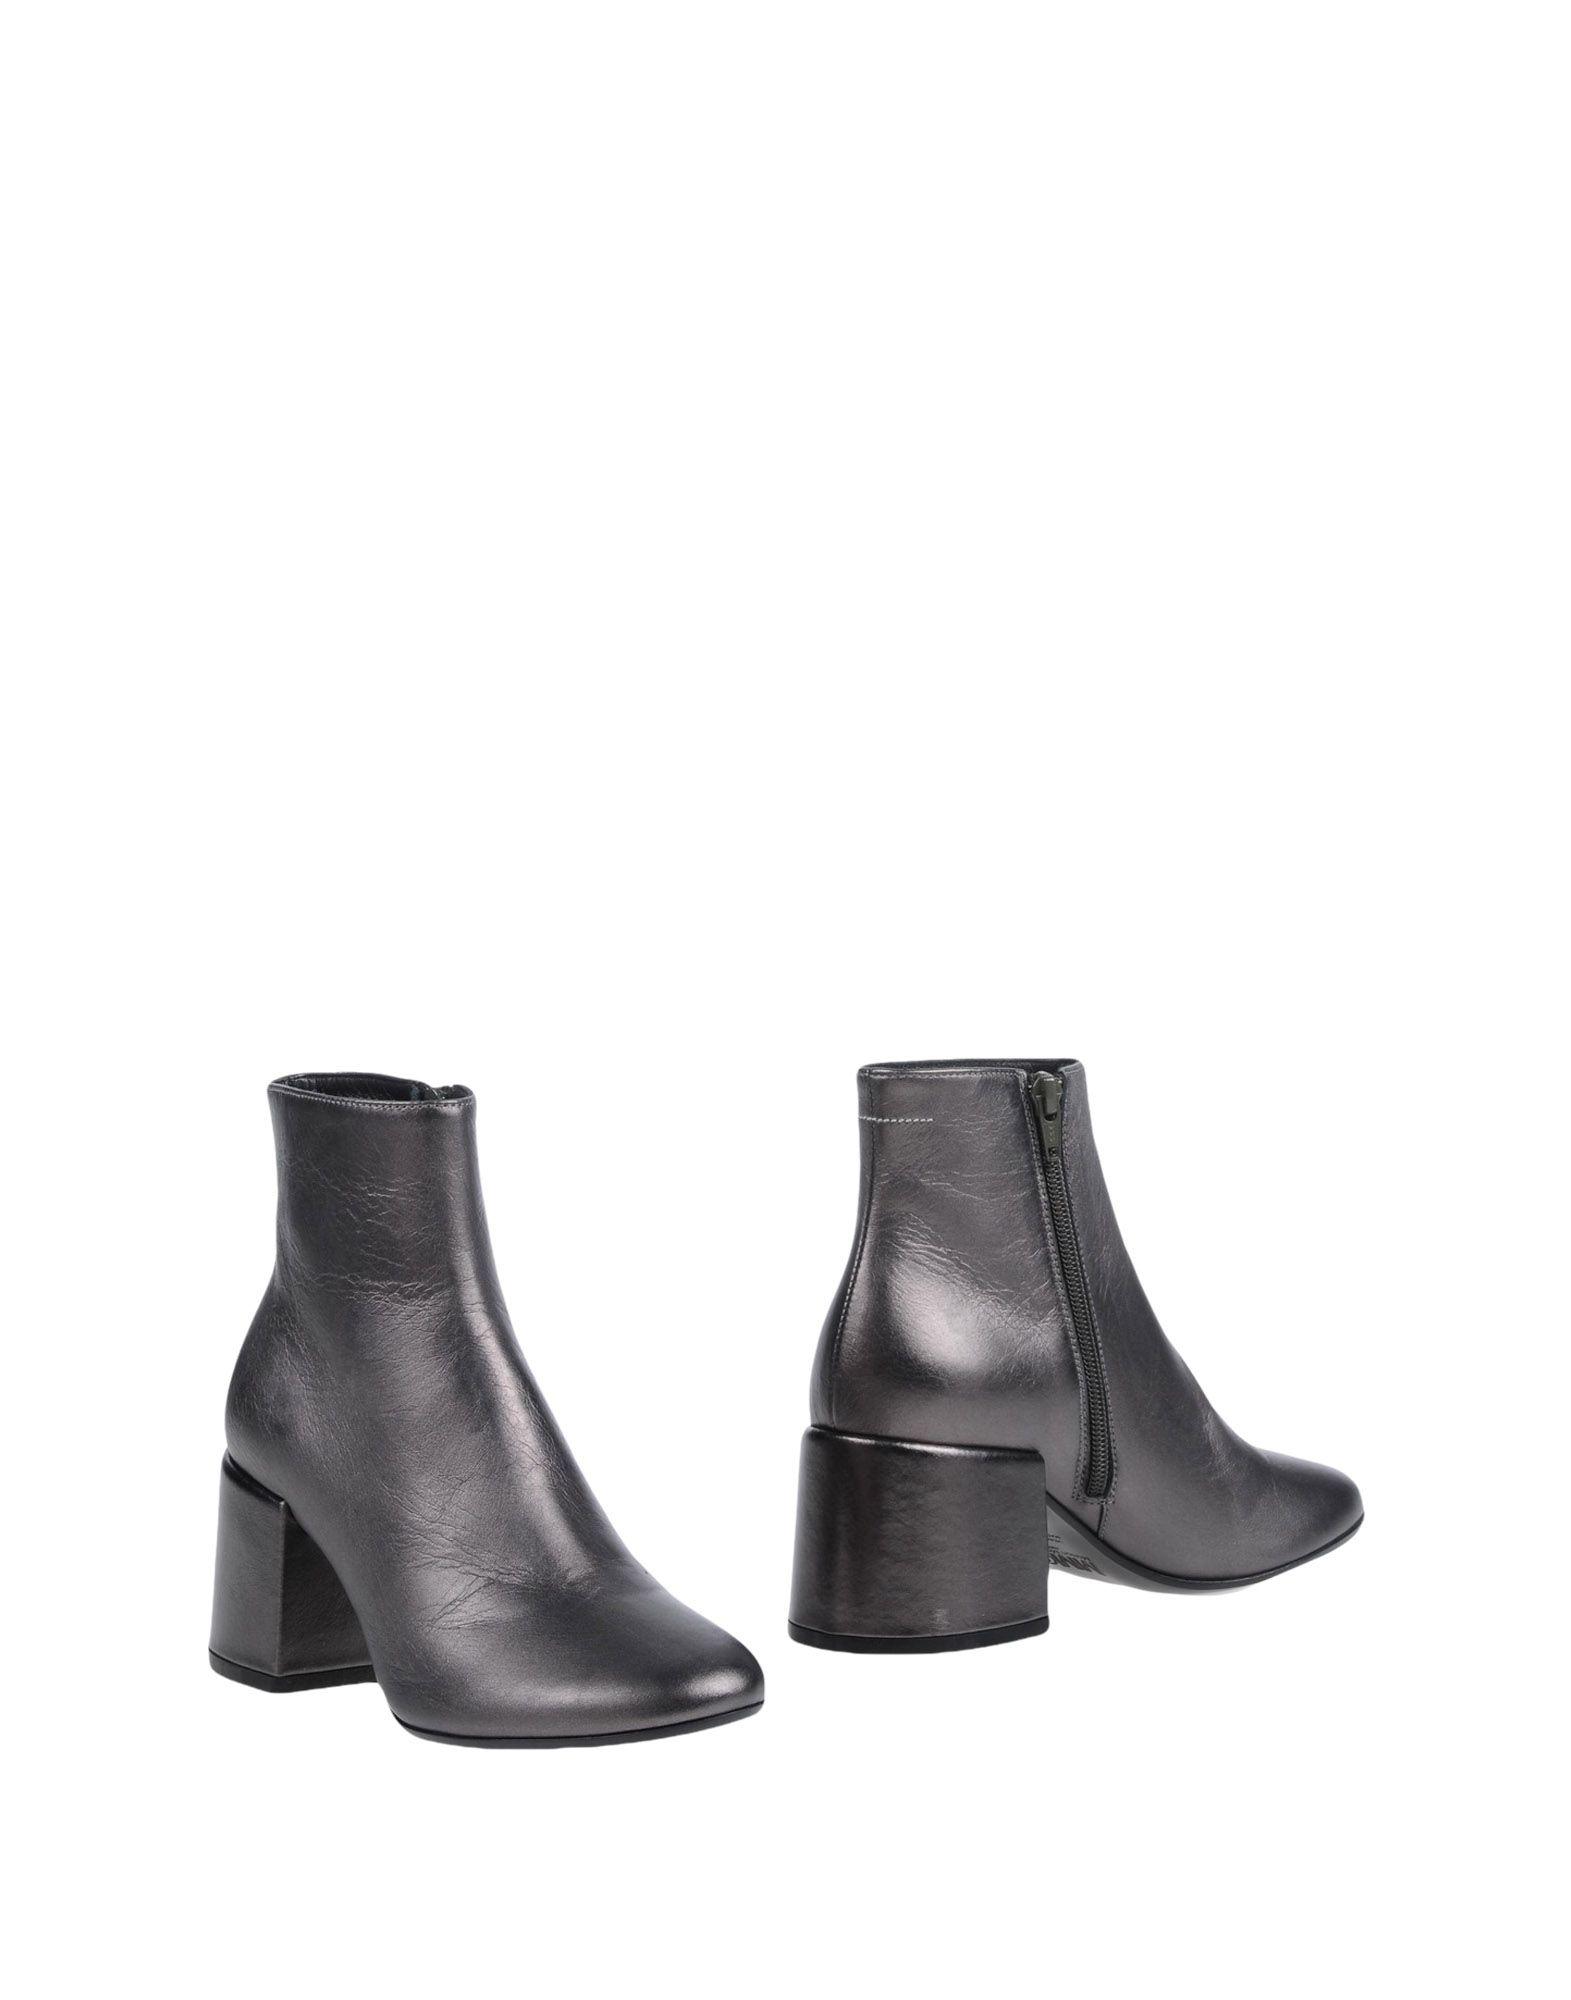 Mm6 Maison Margiela Ankle Boot - Women Boots Mm6 Maison Margiela Ankle Boots Women online on  Australia - 11452613CW 2de4e1